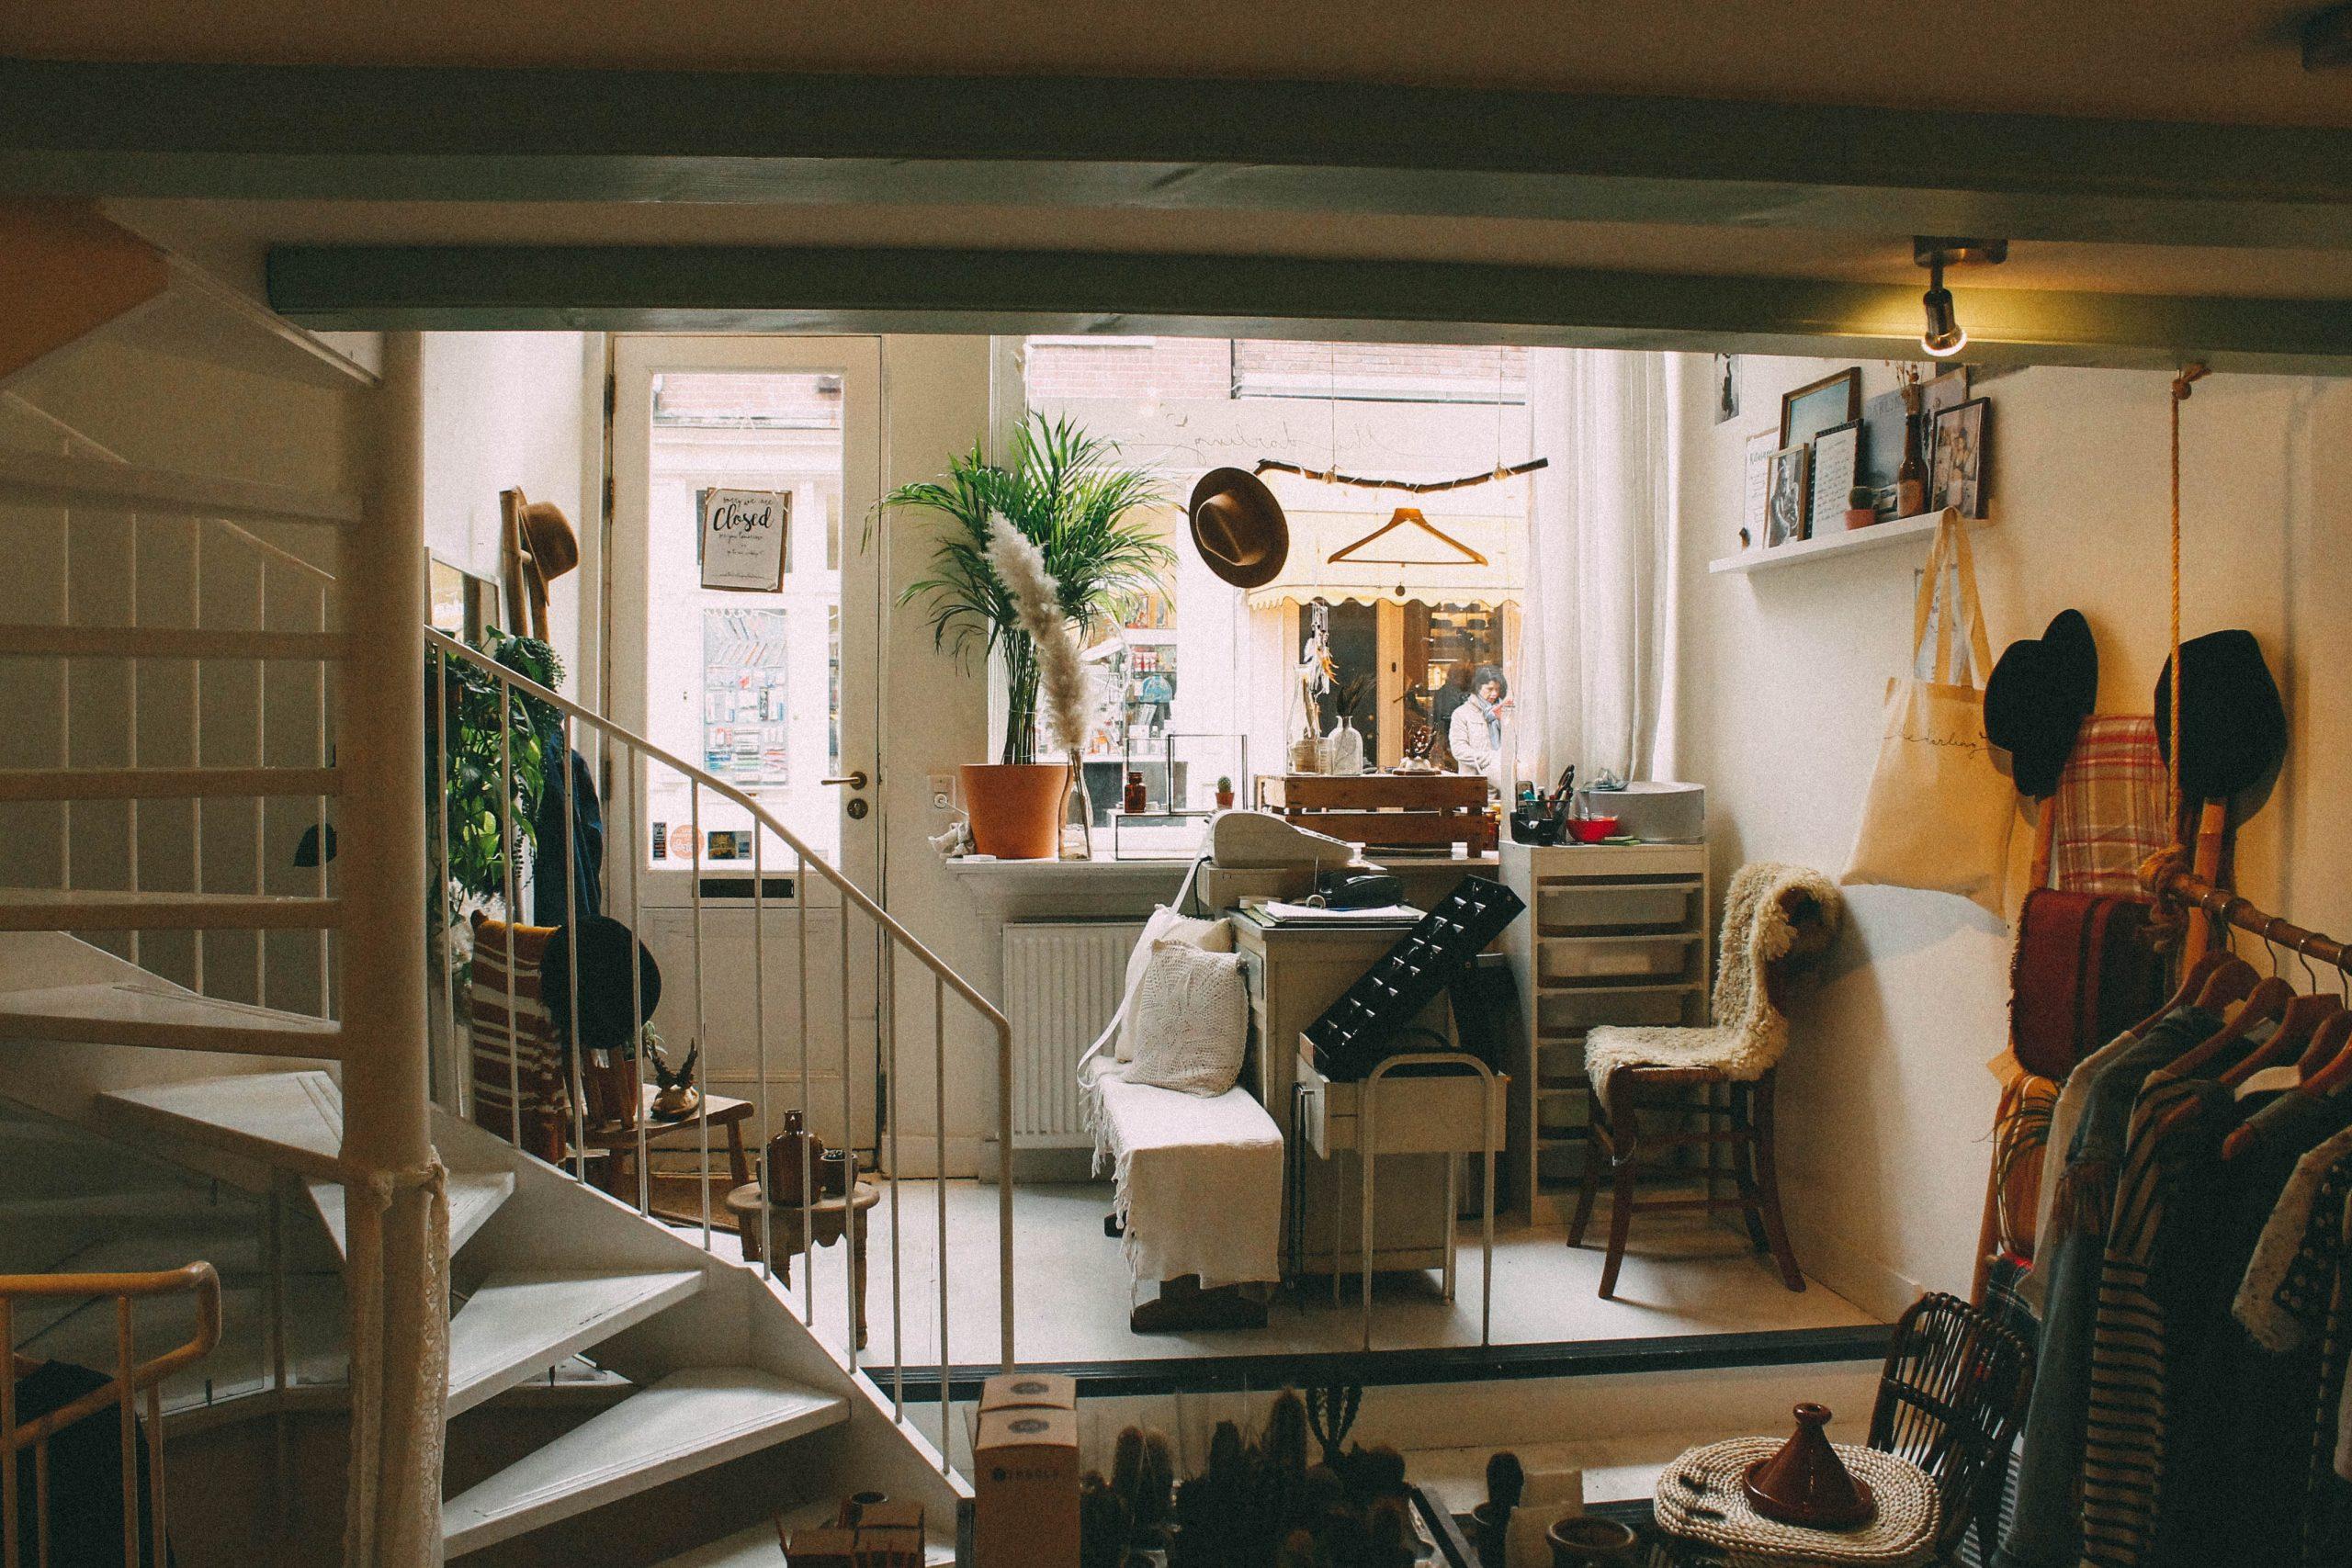 10 Wege, die deine Wohnung optisch vergrößern